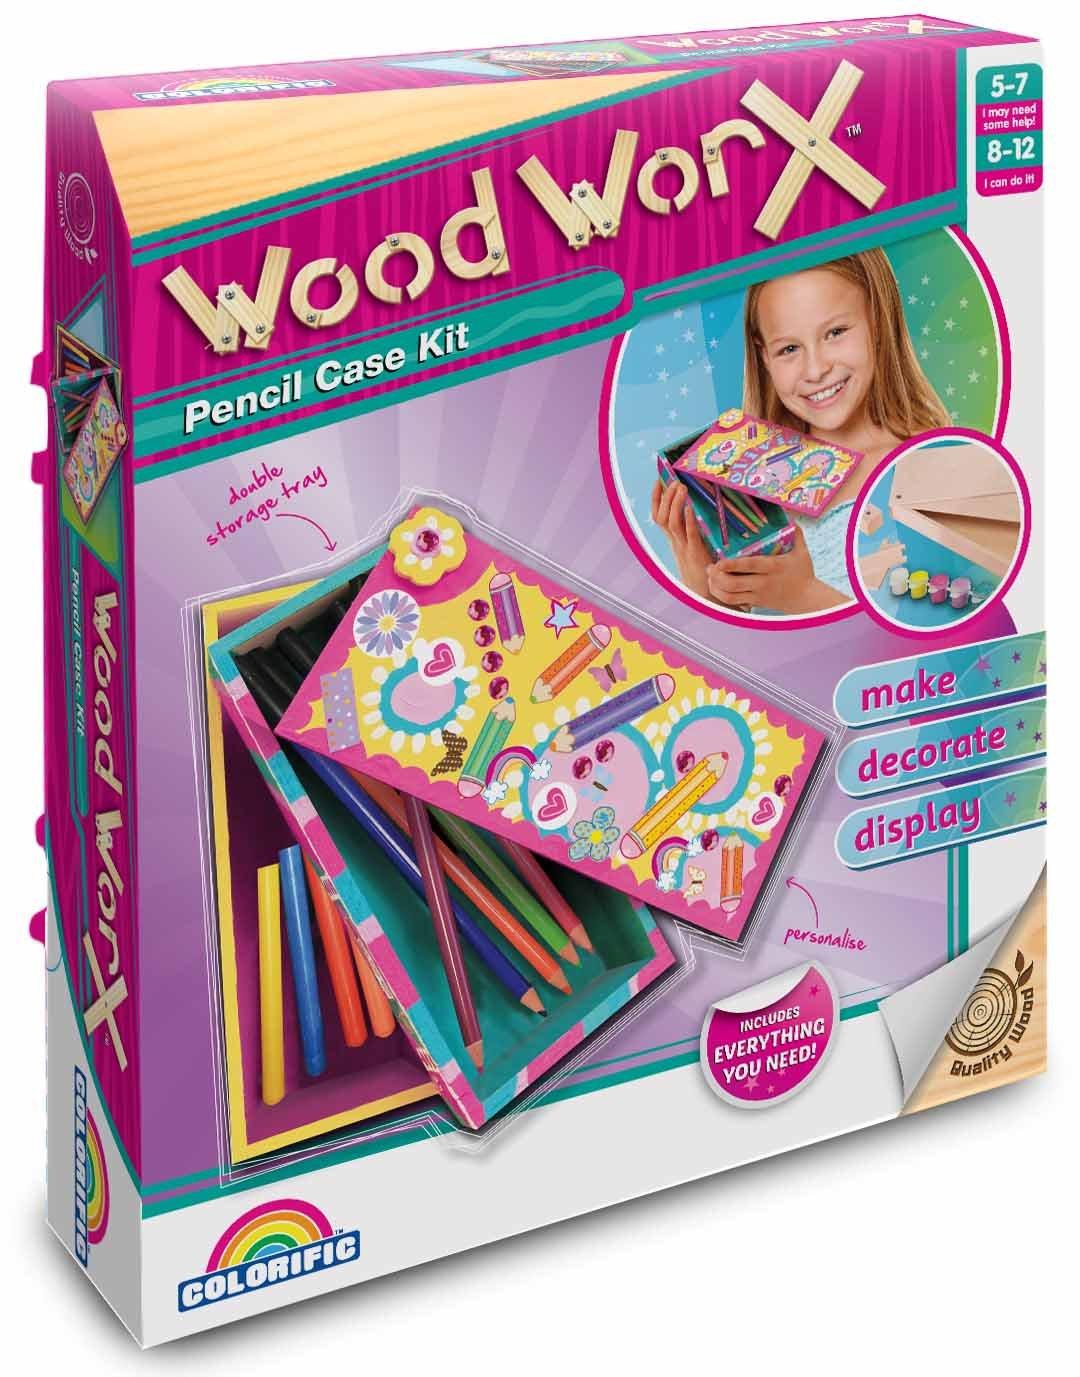 Decorate Pencil Case Colorific Wood Worx Pencil Case Kit Amazoncouk Toys Games